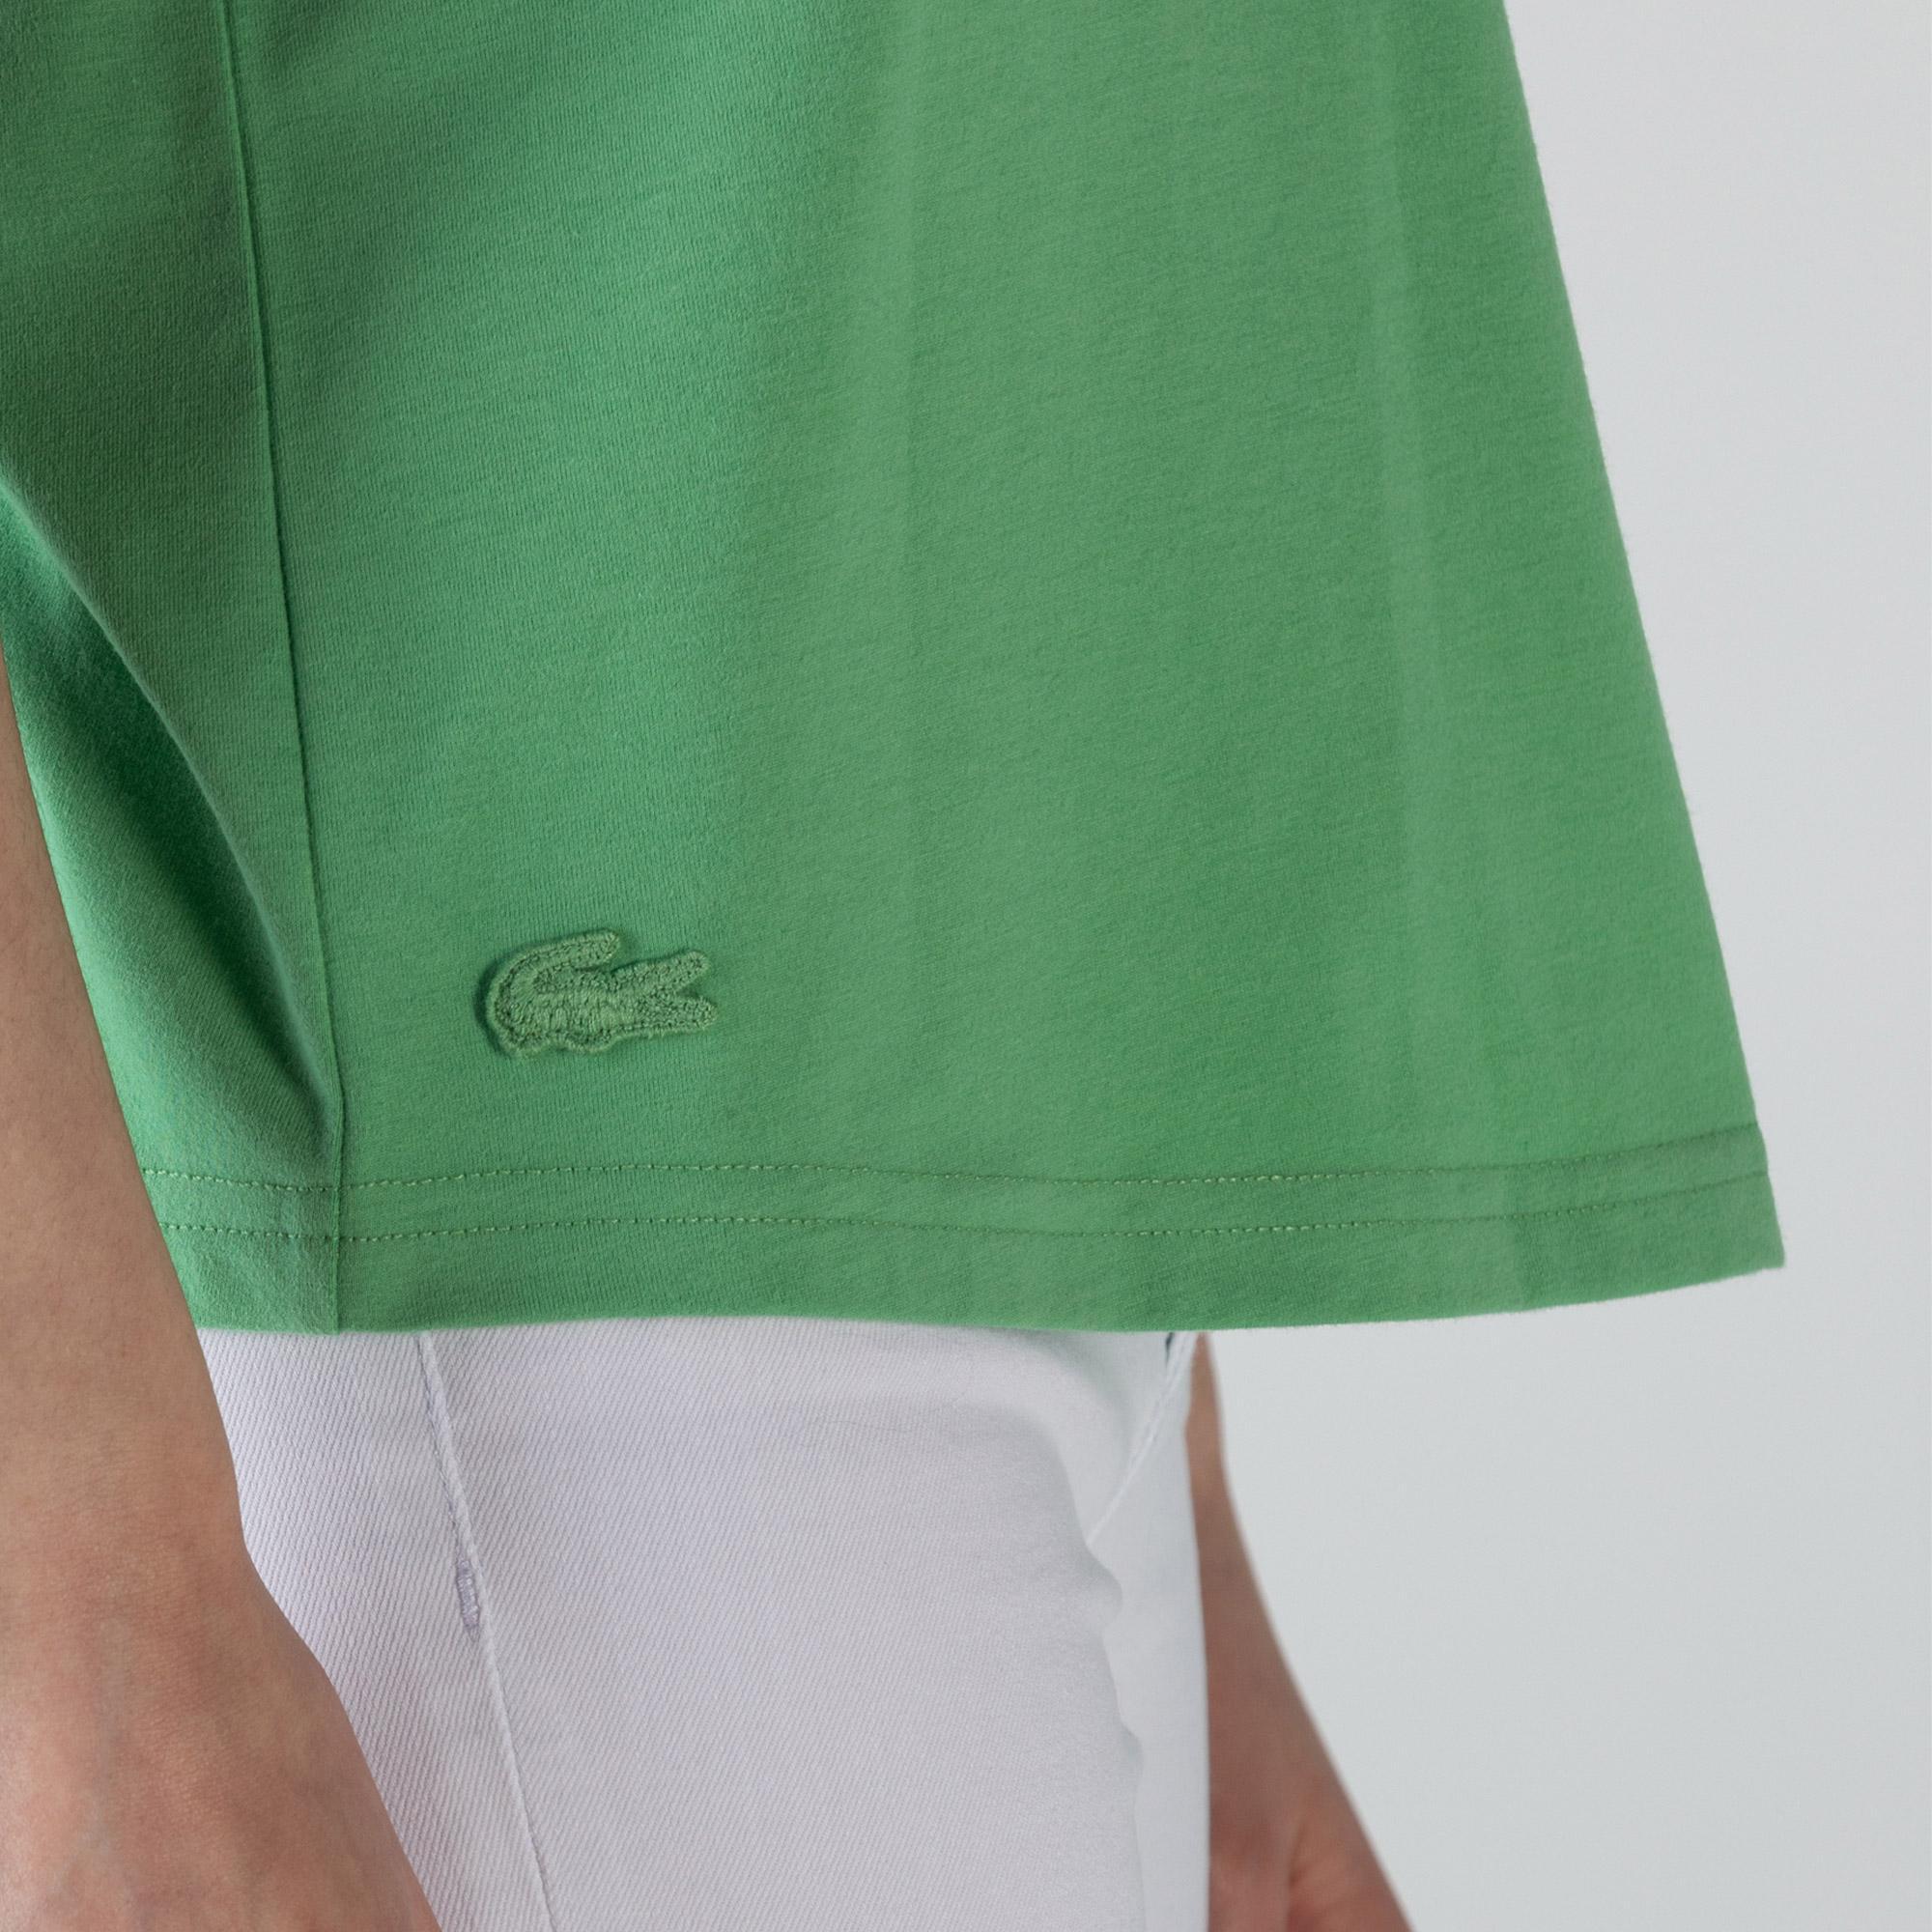 Lacoste Kadın Bisiklet Yaka Baskılı Yeşil T-Shirt